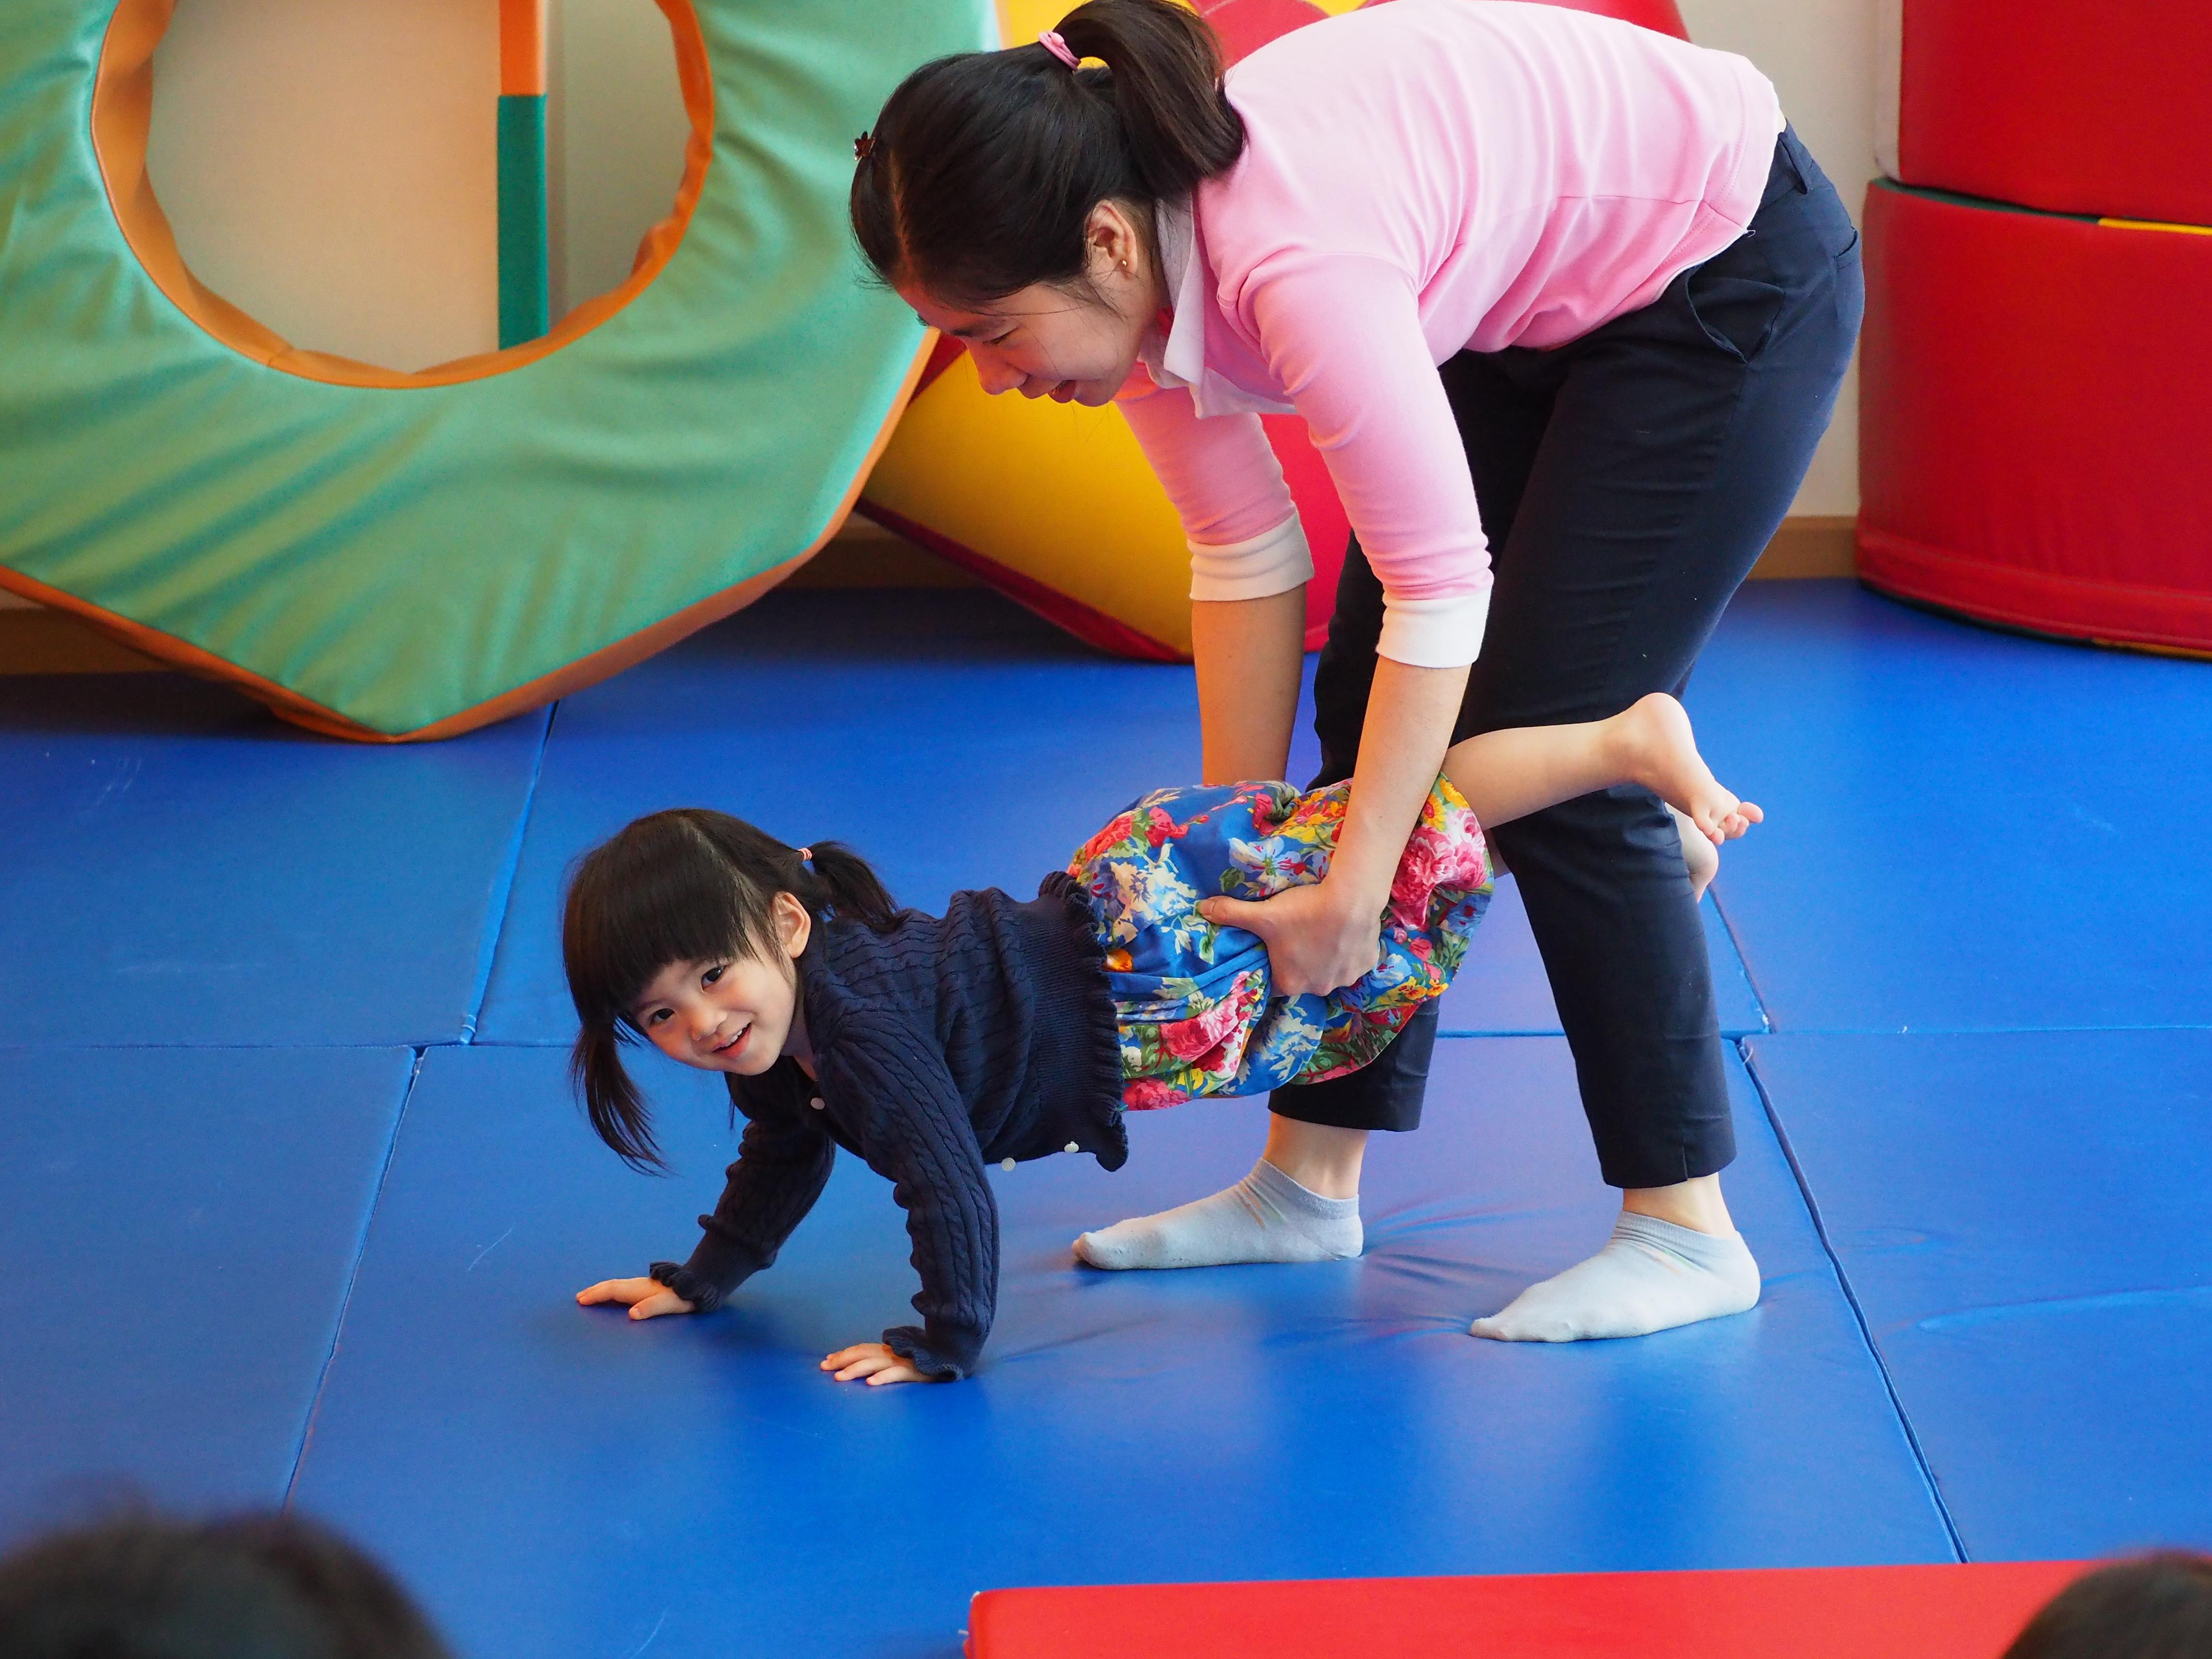 遊びを通して学ぶ!たくさんの日本人ファミリーも通う安心・信頼できるKiDOナーサリー。